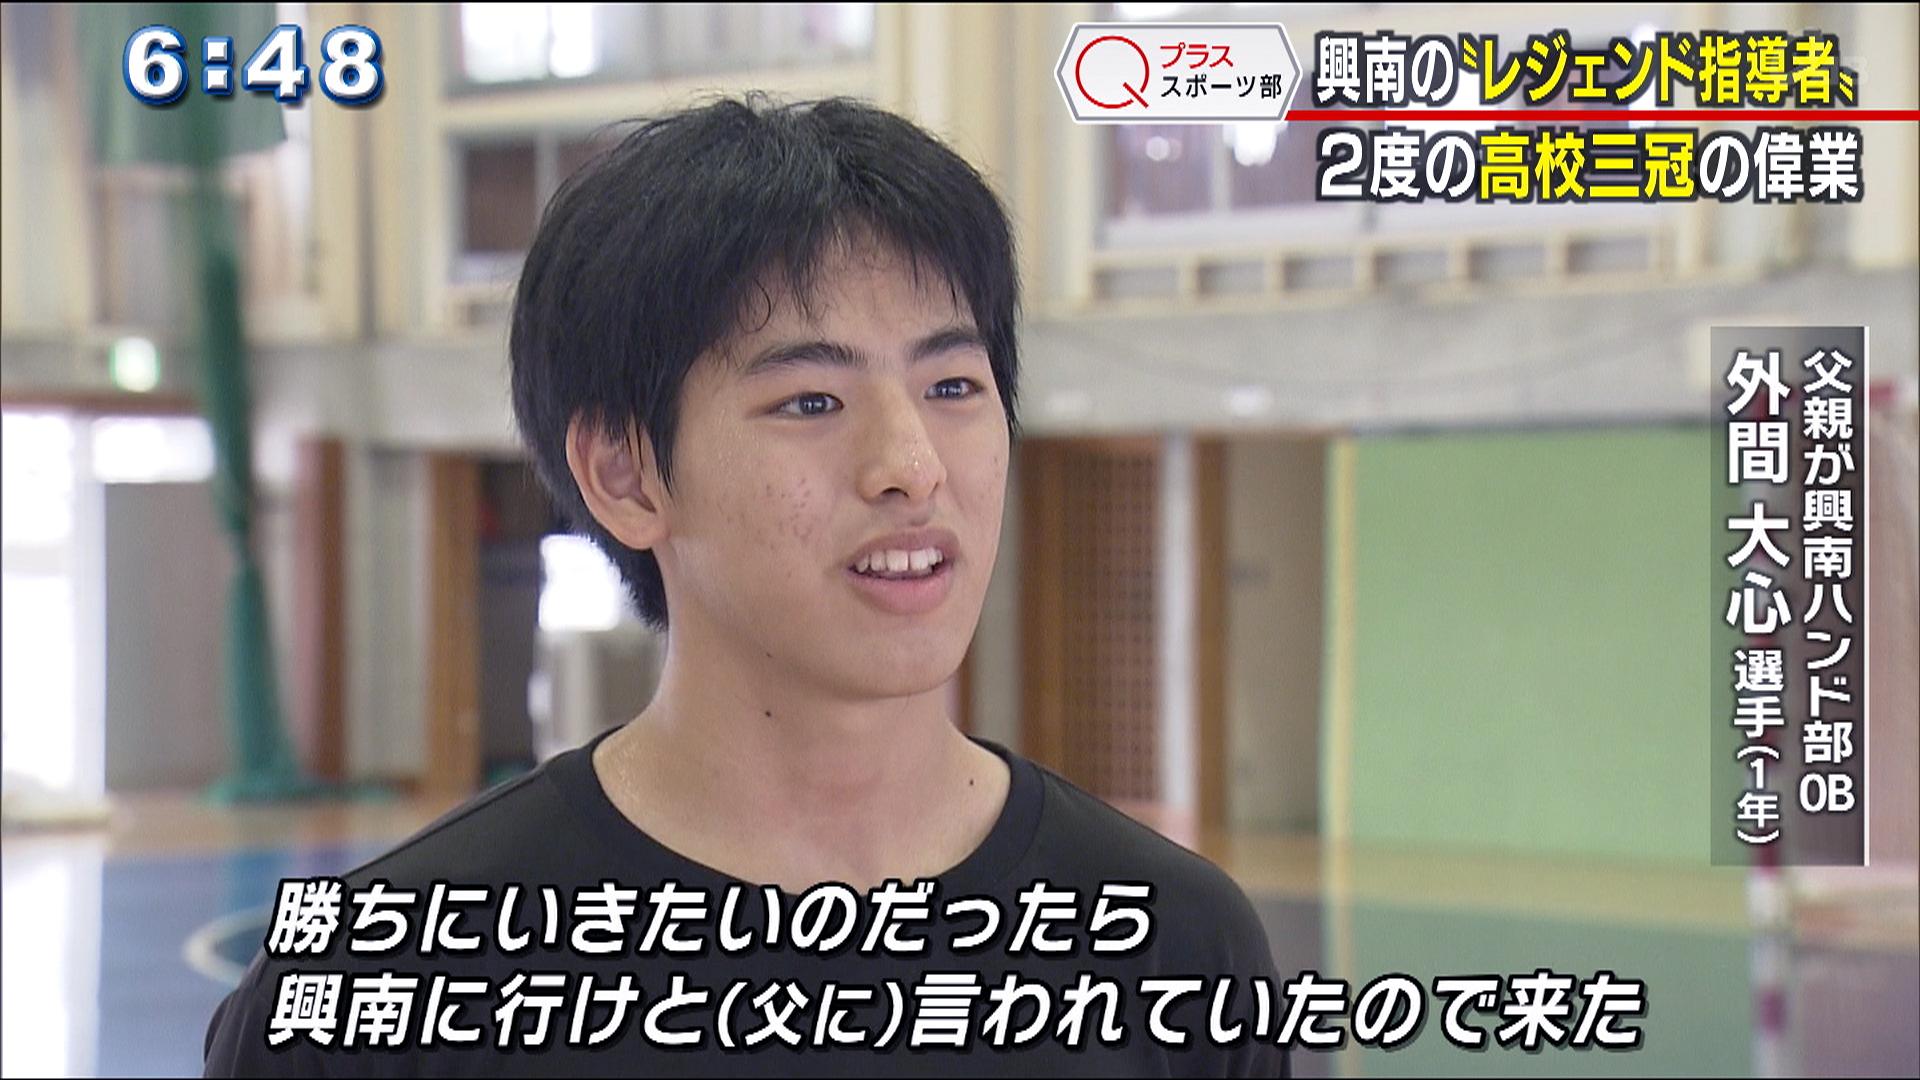 沖縄ハンドボールのレジェンド 黒島宣昭監督